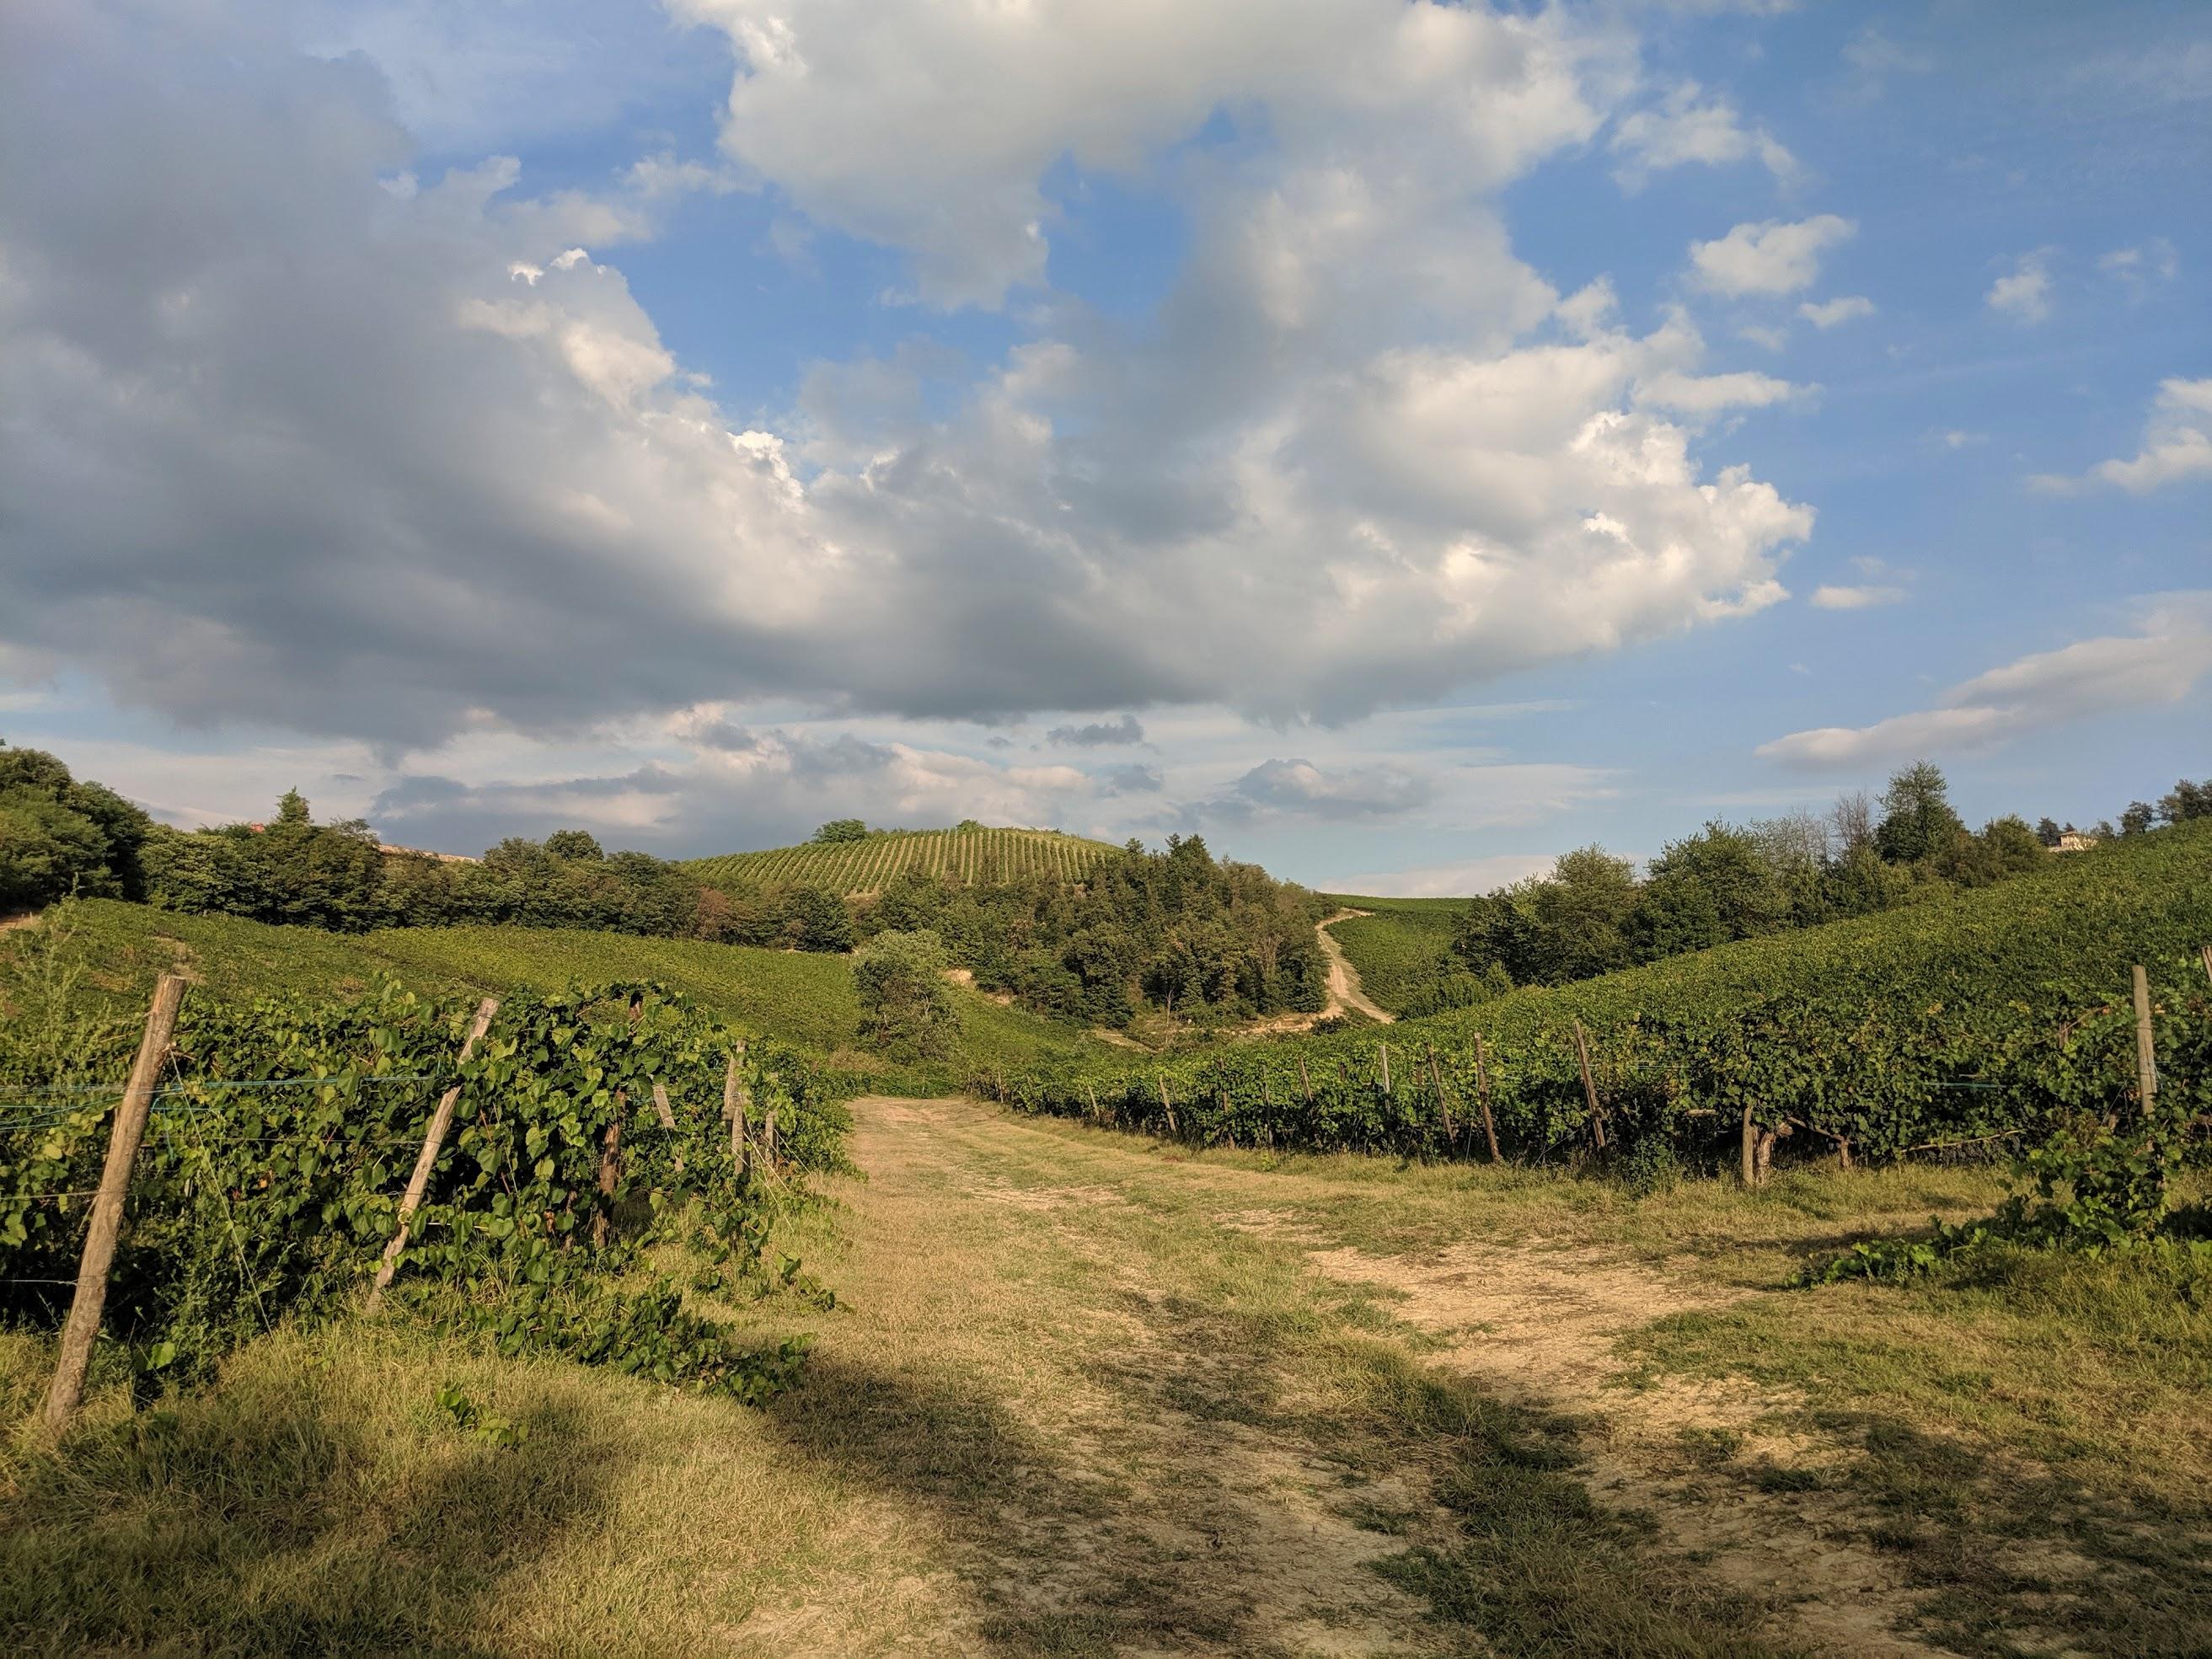 Correndo nell'oltrepo Pavese si attraversano vigne e campi, si sentono profumi, si percepisce il sole e il vento sulla pelle. Insomma, una vera esperienza multisensoriale!